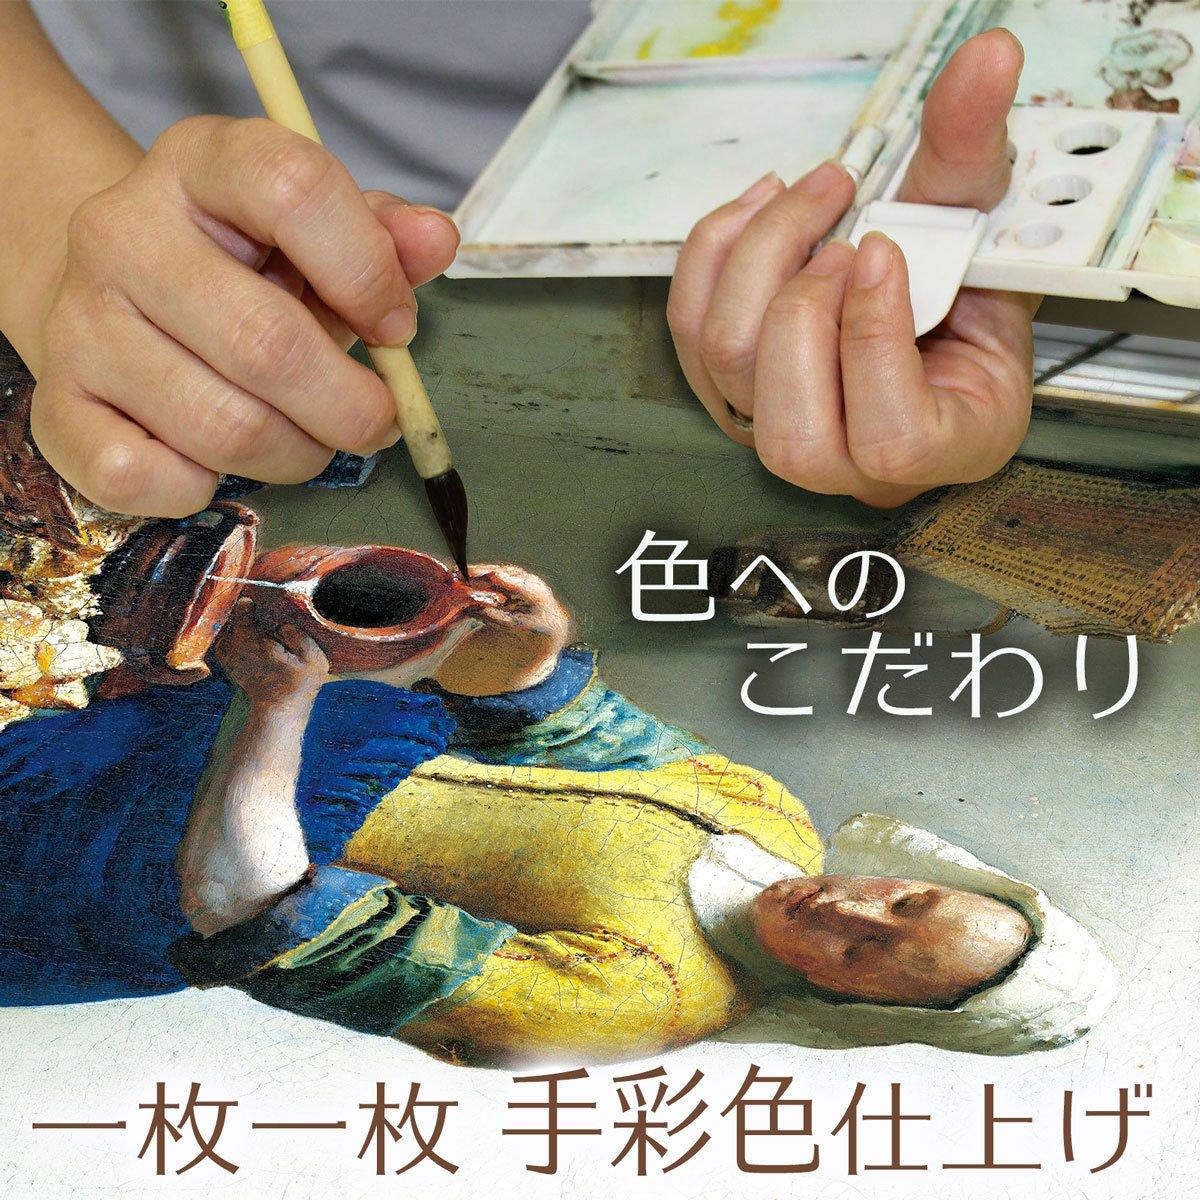 日本画 仏画 聖観音(しょうかんのん) 鈴木 翠朋 手彩仕上 高精細巧芸画(ギフト包装・メッセージカード・のし対応不可)Lサイズ